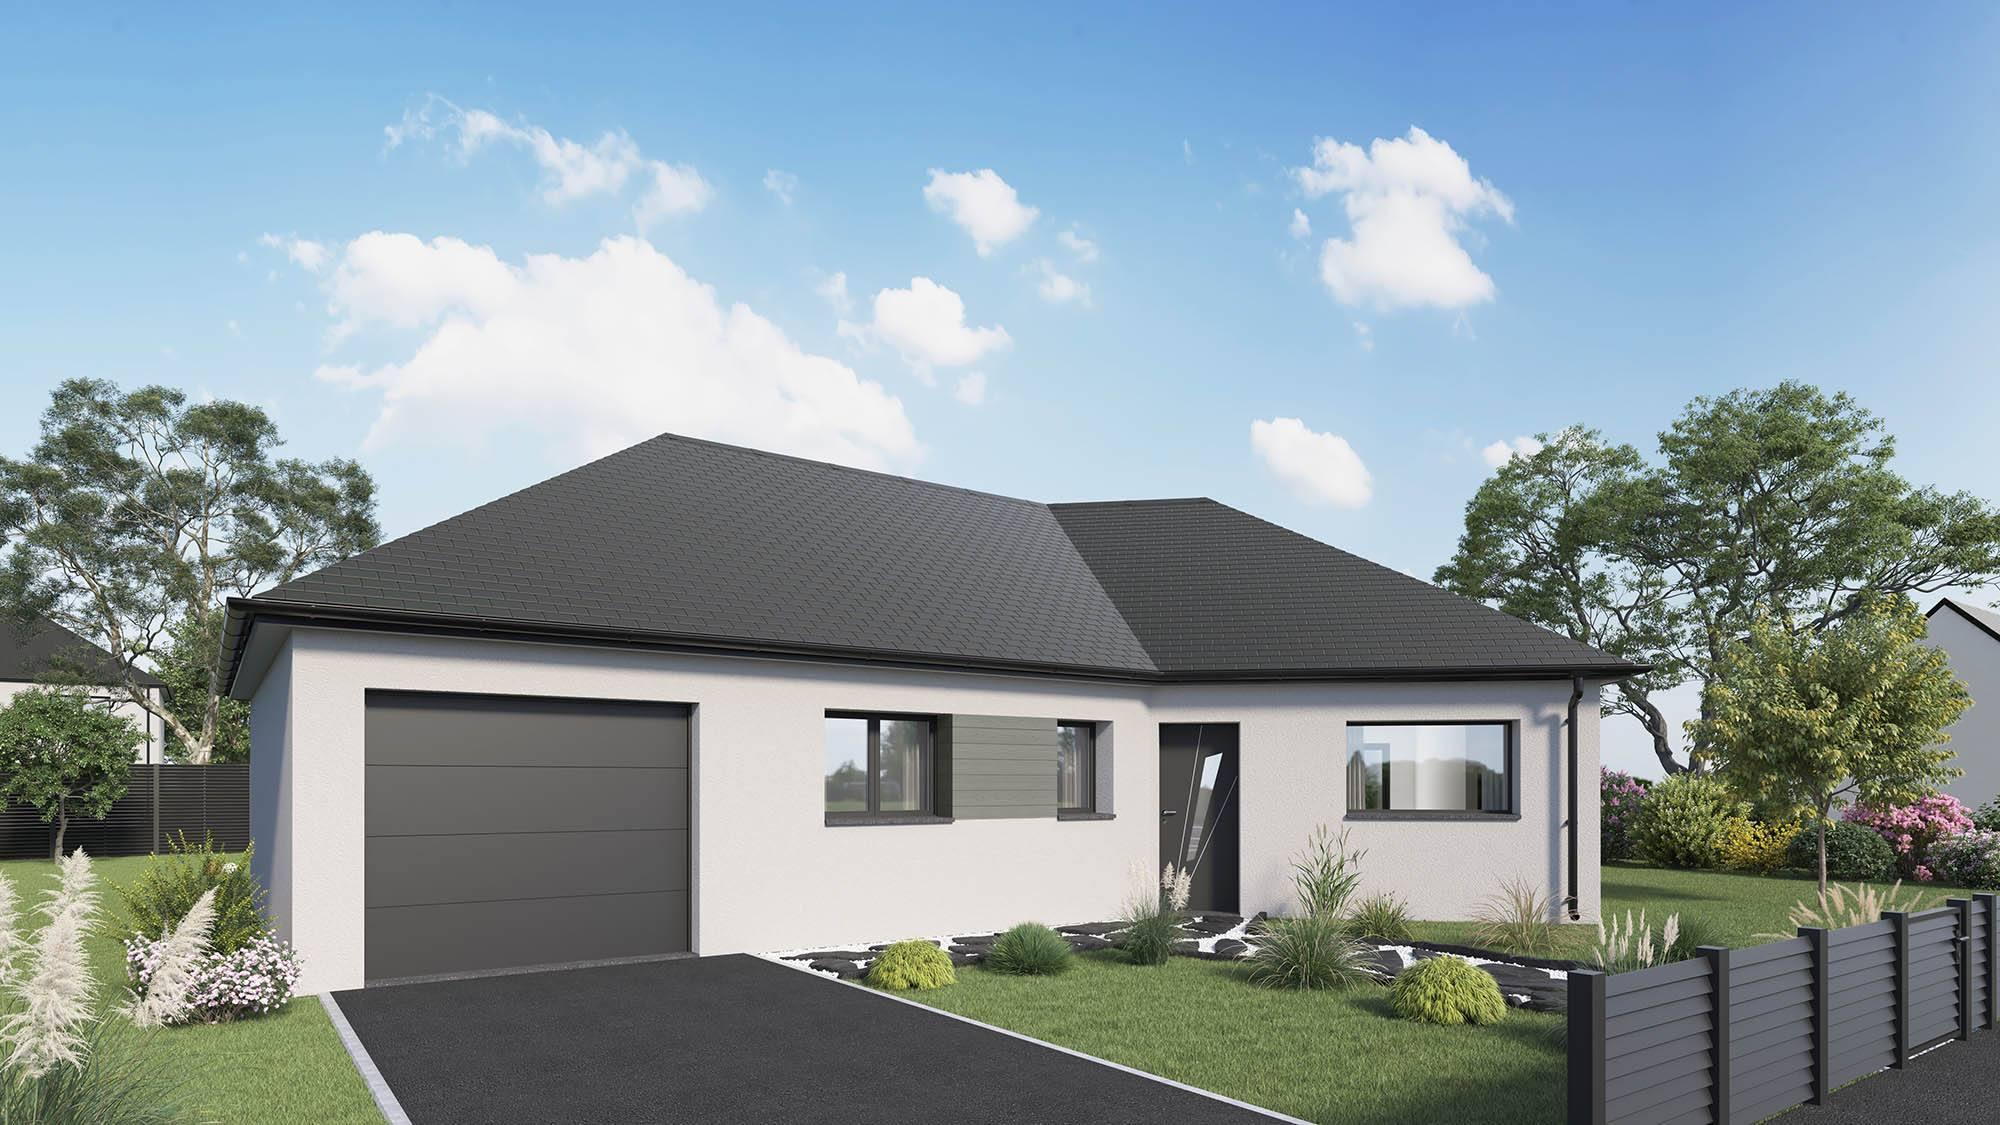 Maisons + Terrains du constructeur MAISON CASTOR • 96 m² • LES AUTHIEUX